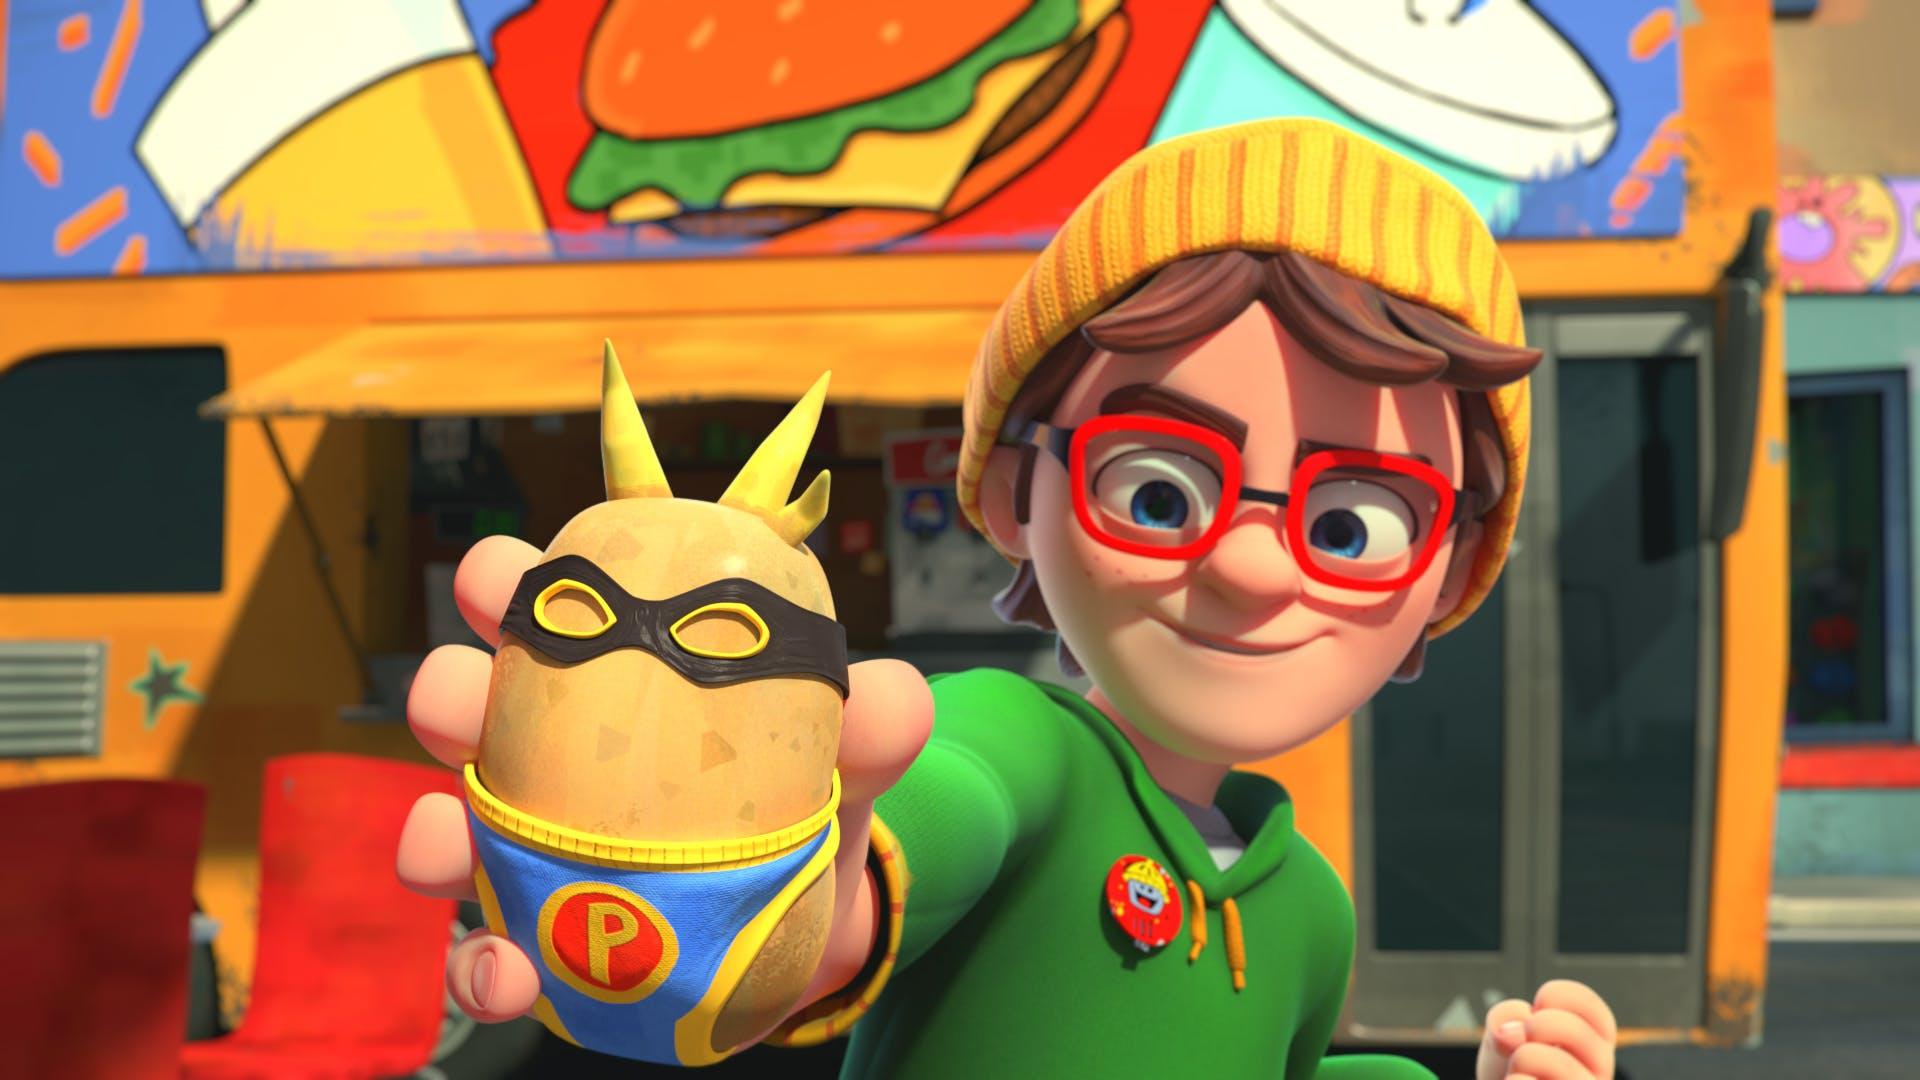 Super Paul the potato